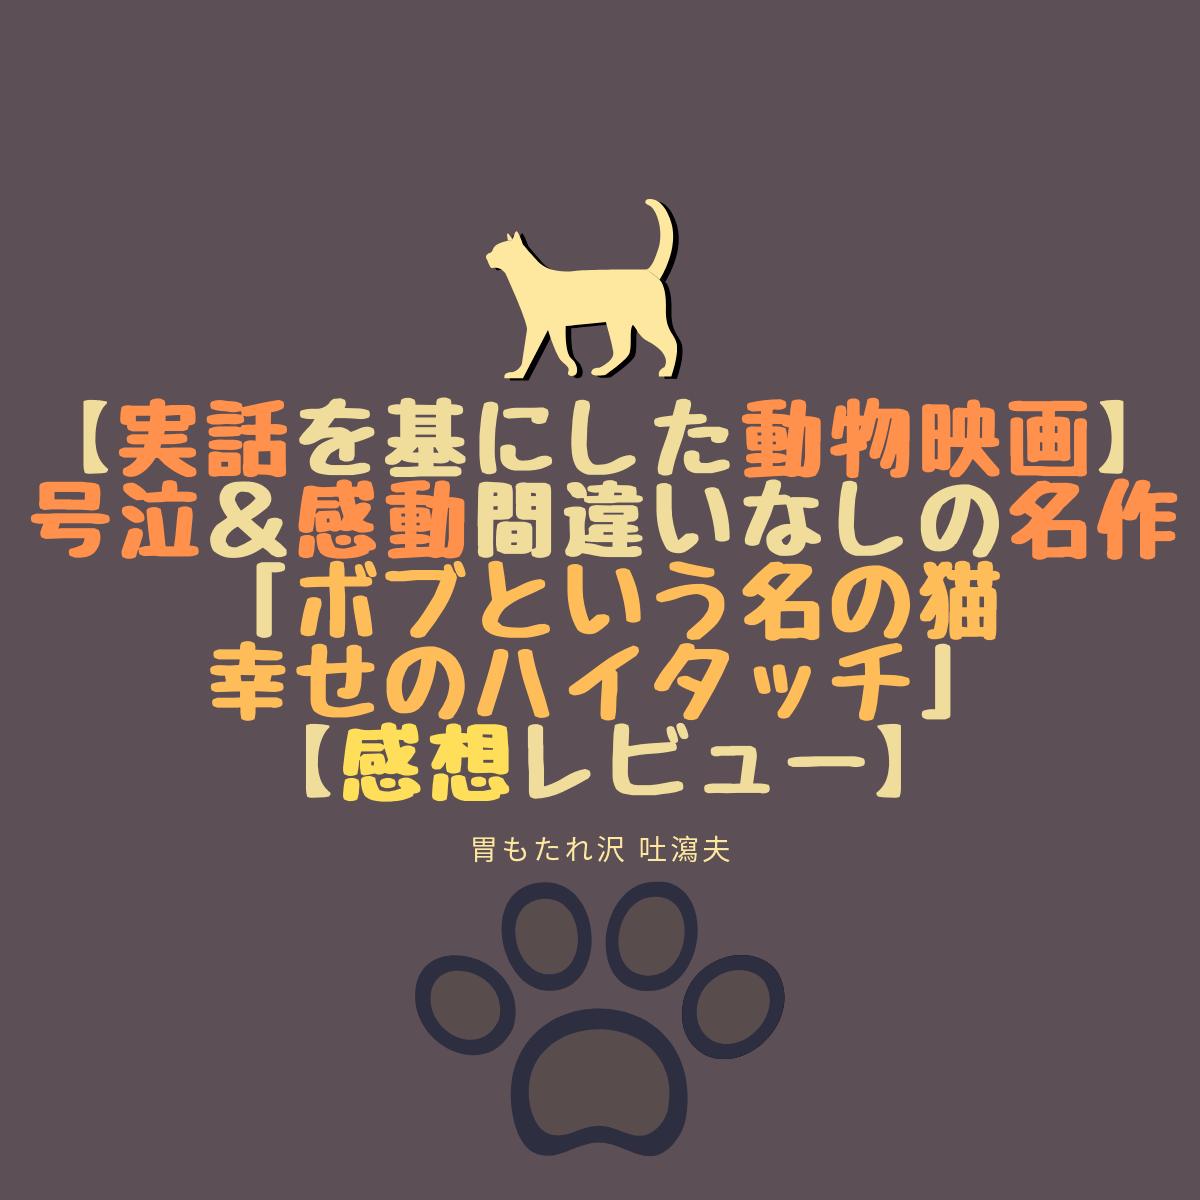 【実話を基にした動物映画】号泣&感動間違いなしの名作「ボブという名の猫 幸せのハイタッチ」【感想レビュー】